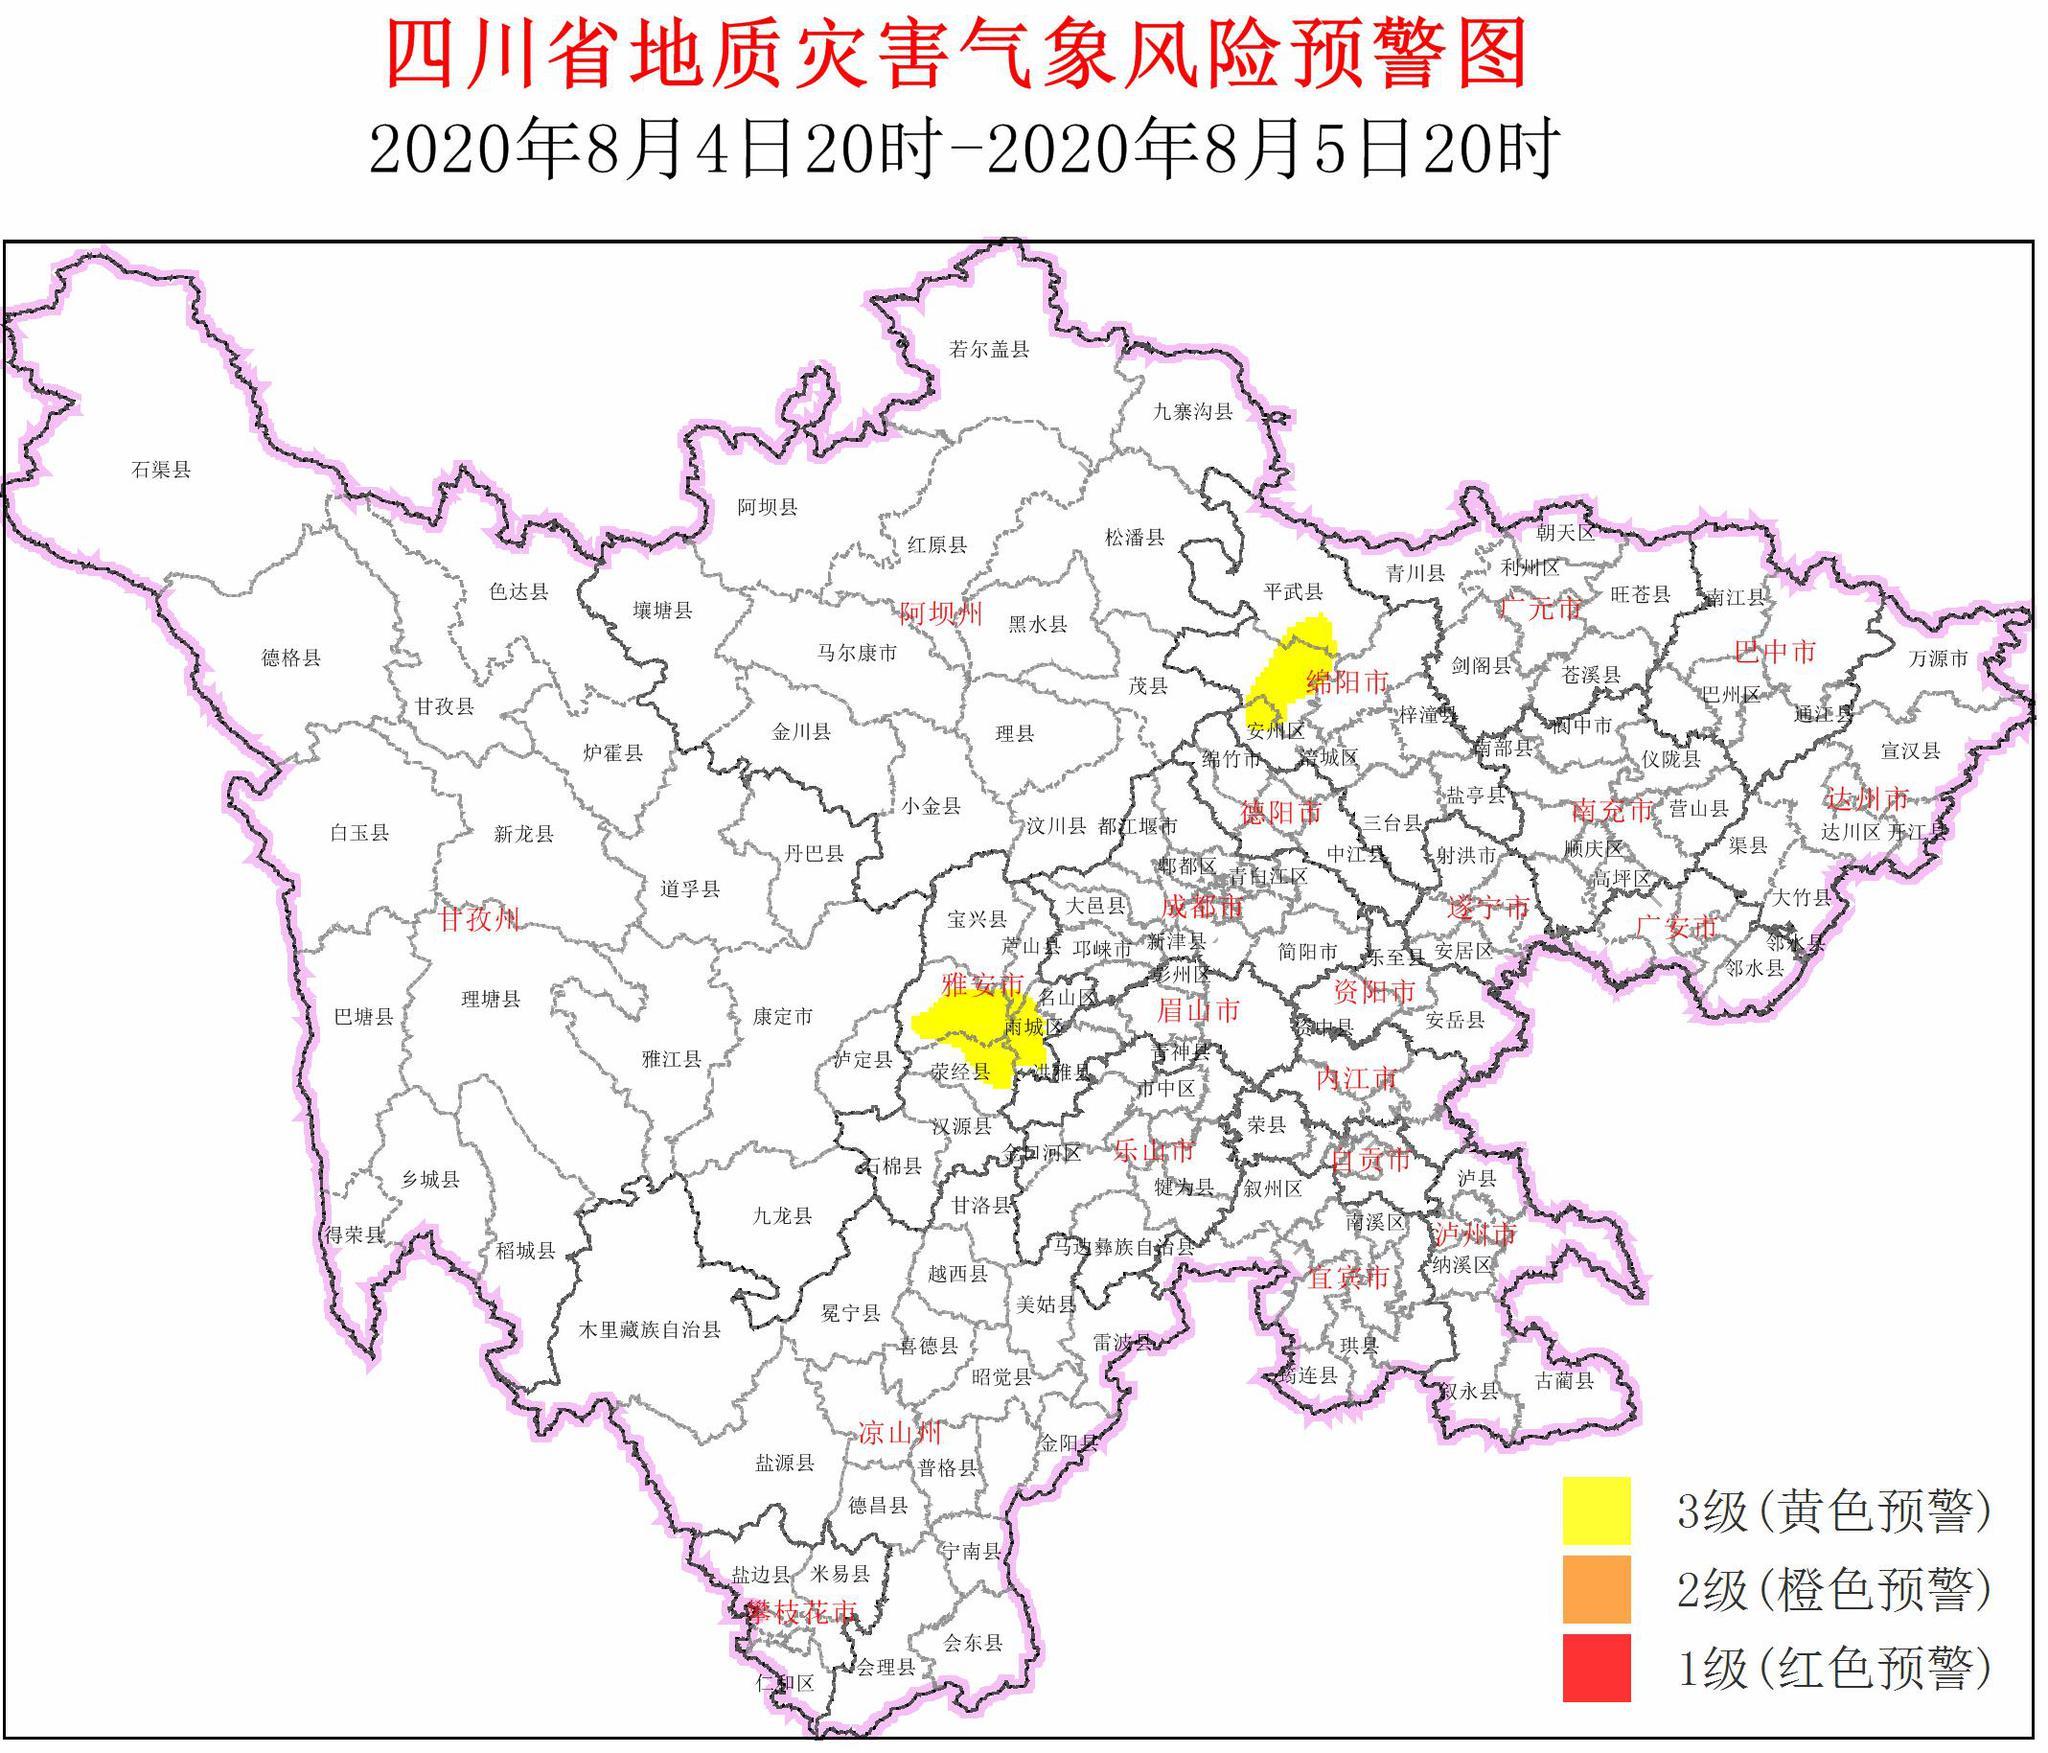 四川十区县发布地质灾害黄色预警